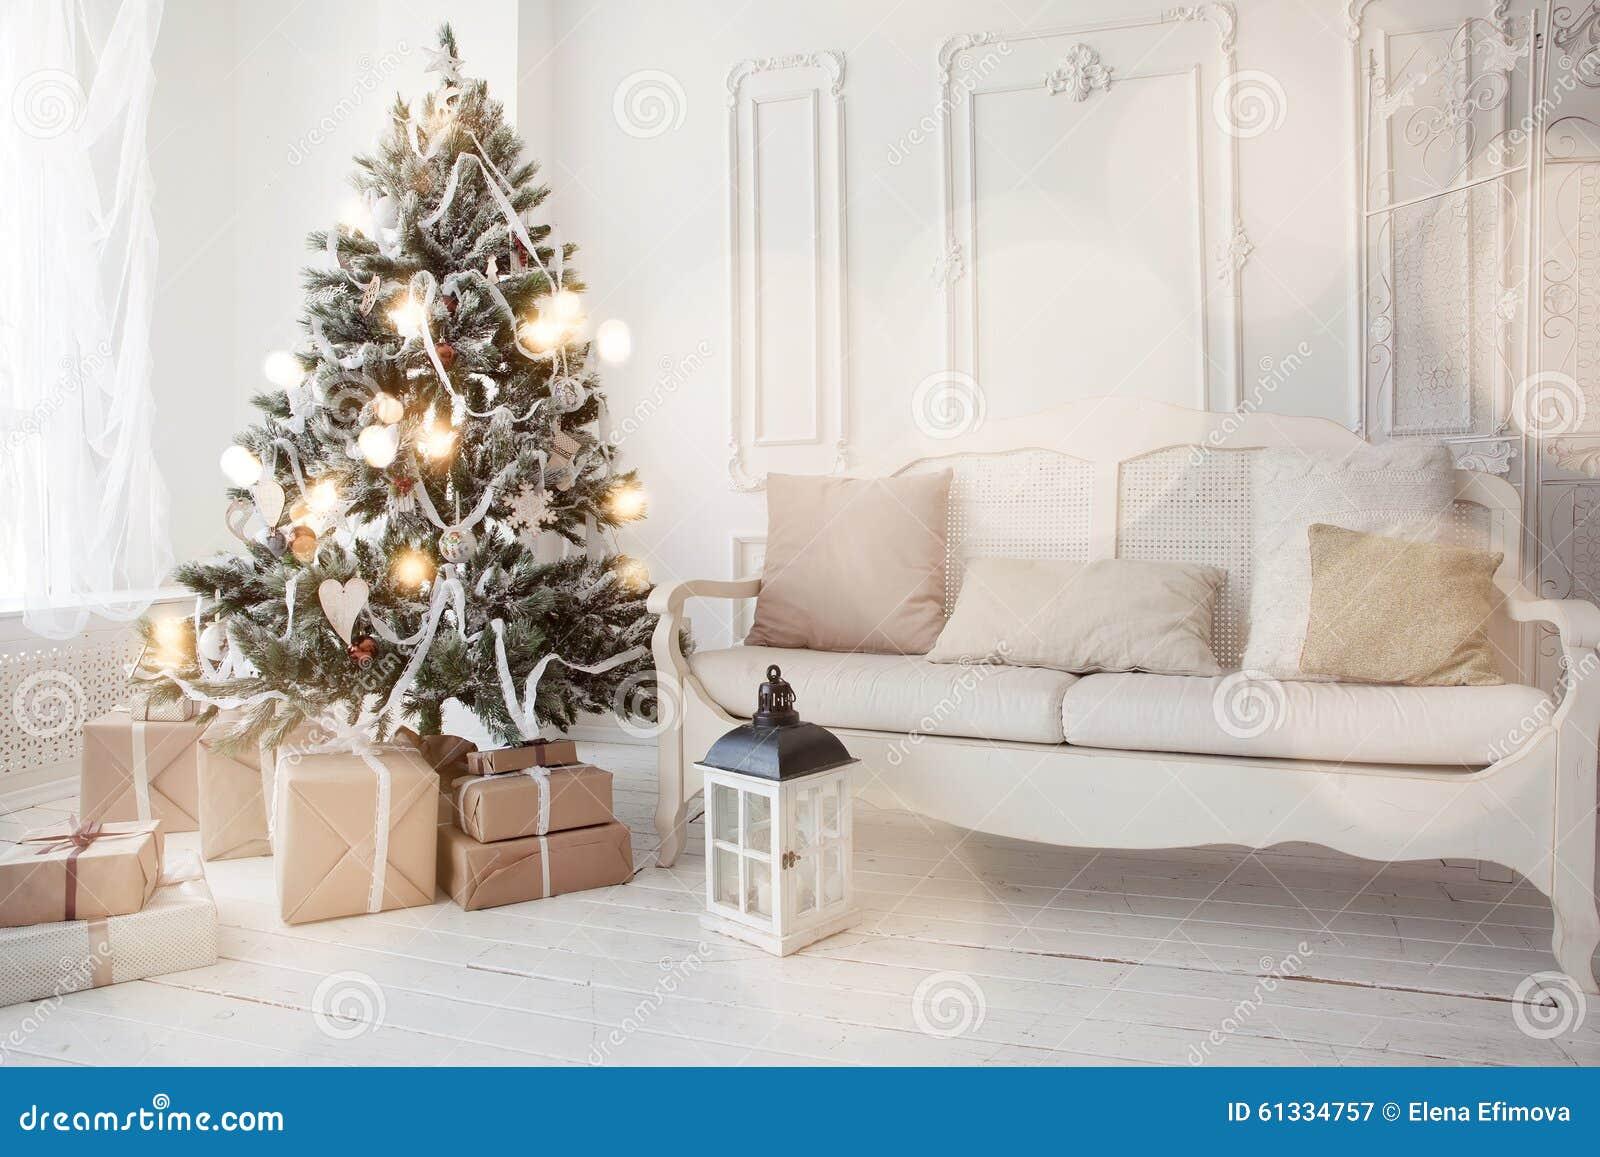 Kerstboom in woonkamer